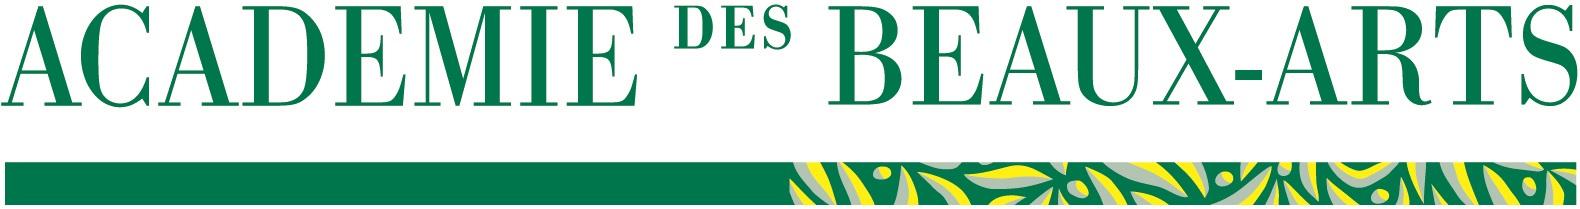 http://2.bp.blogspot.com/-j4UDdyPsa8o/UTBr_XnxVBI/AAAAAAAAAJE/mqOiIyapeSY/s1600/Logo+Academie.png